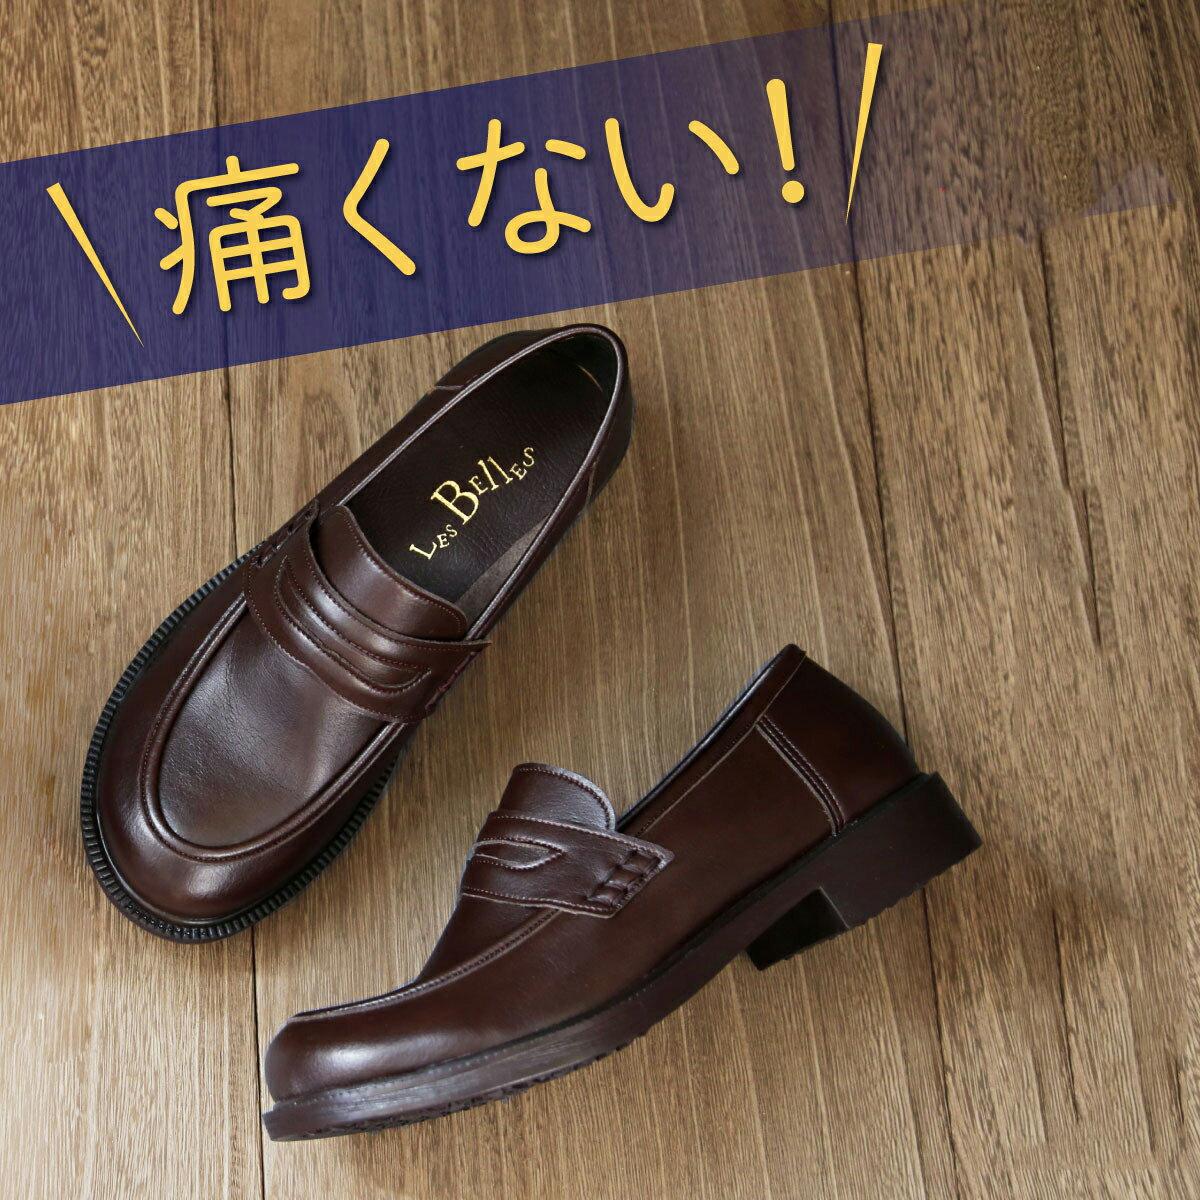 やさしい靴工房Belle&Sofa『ソフトコインローファー(6408)』